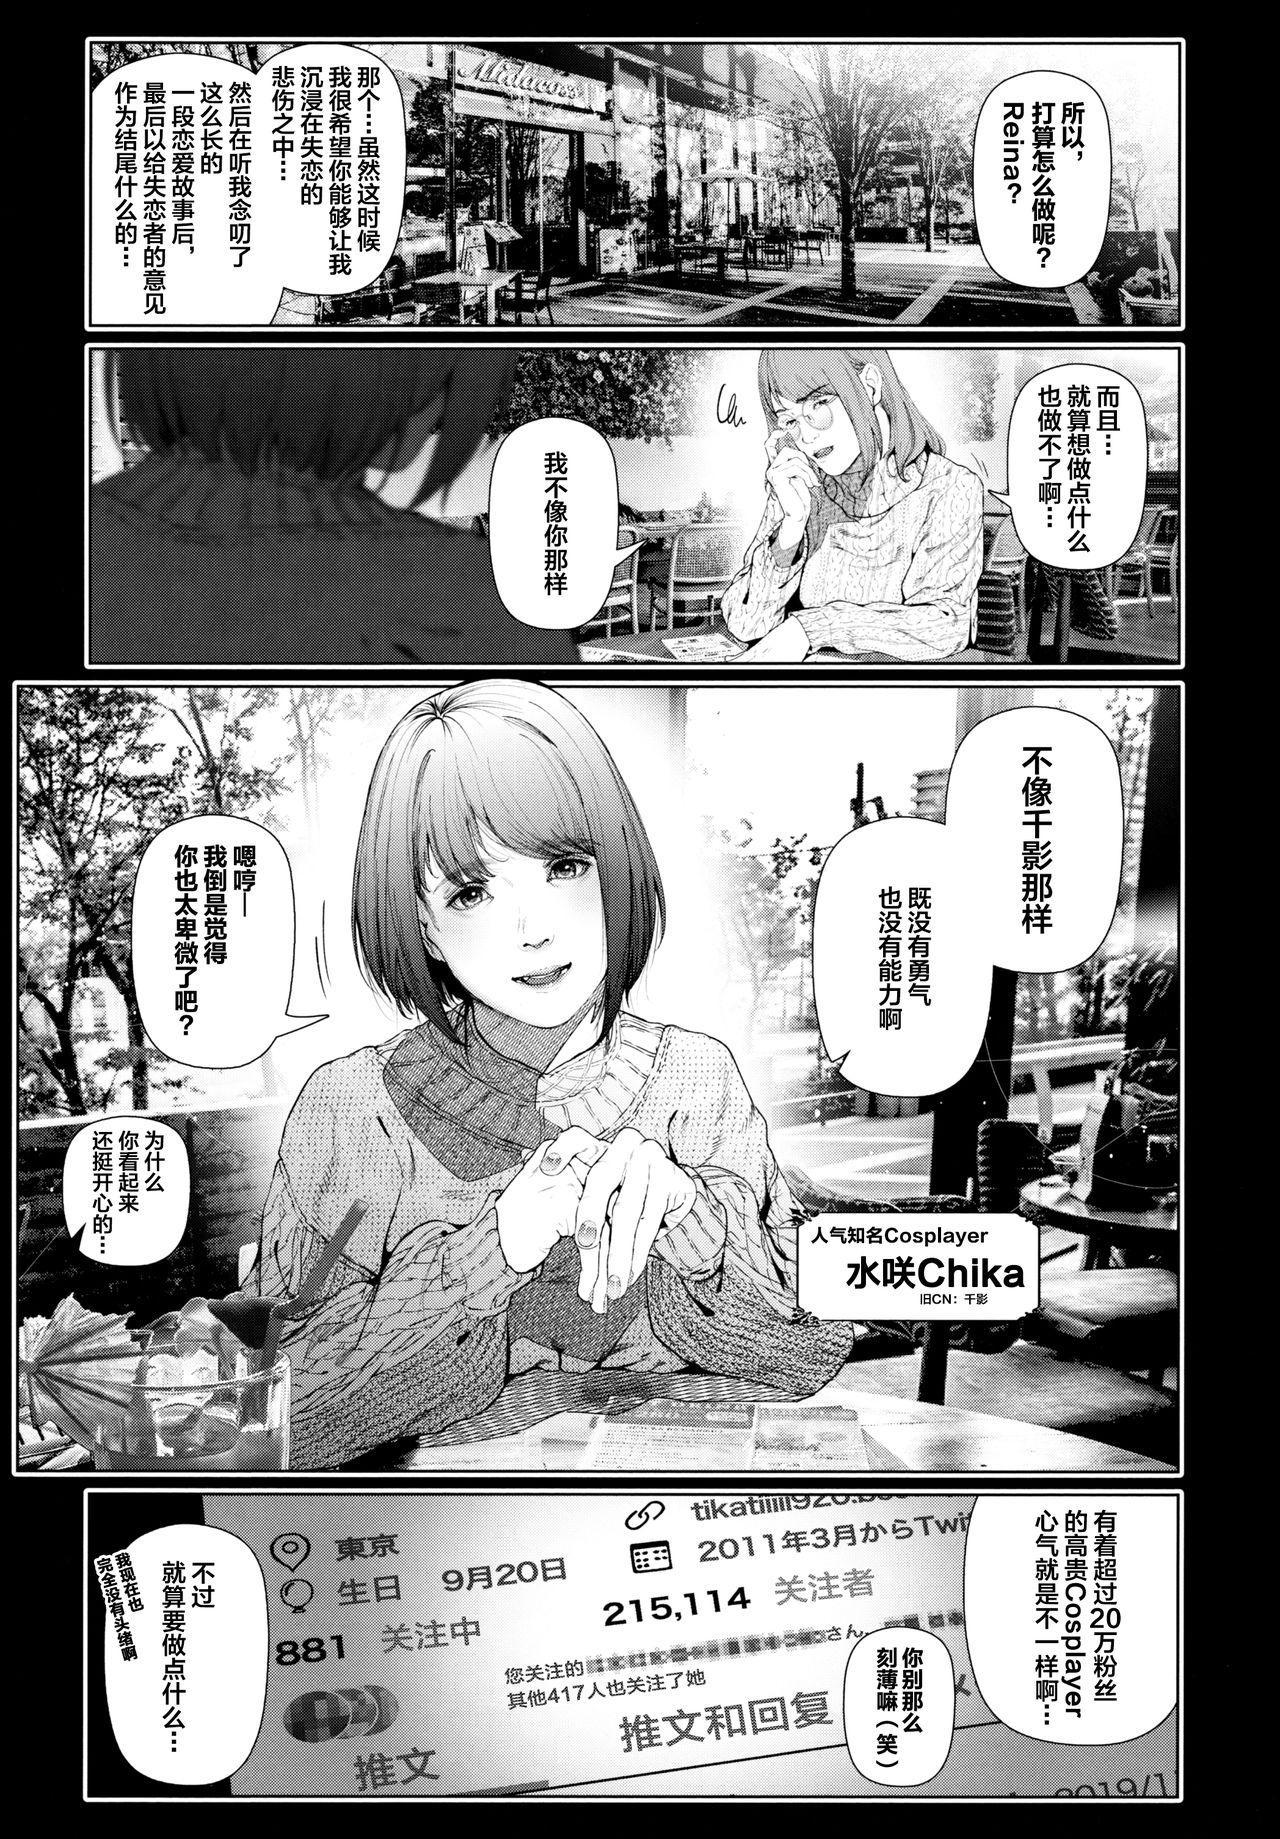 Cos wa Midara na Kamen Ninki Ikemen Layer no SeFri Ken Ishou Seisaku Tantou no Zoukei Layer wa Honmei Kanojo no Yume o Miru ka 23